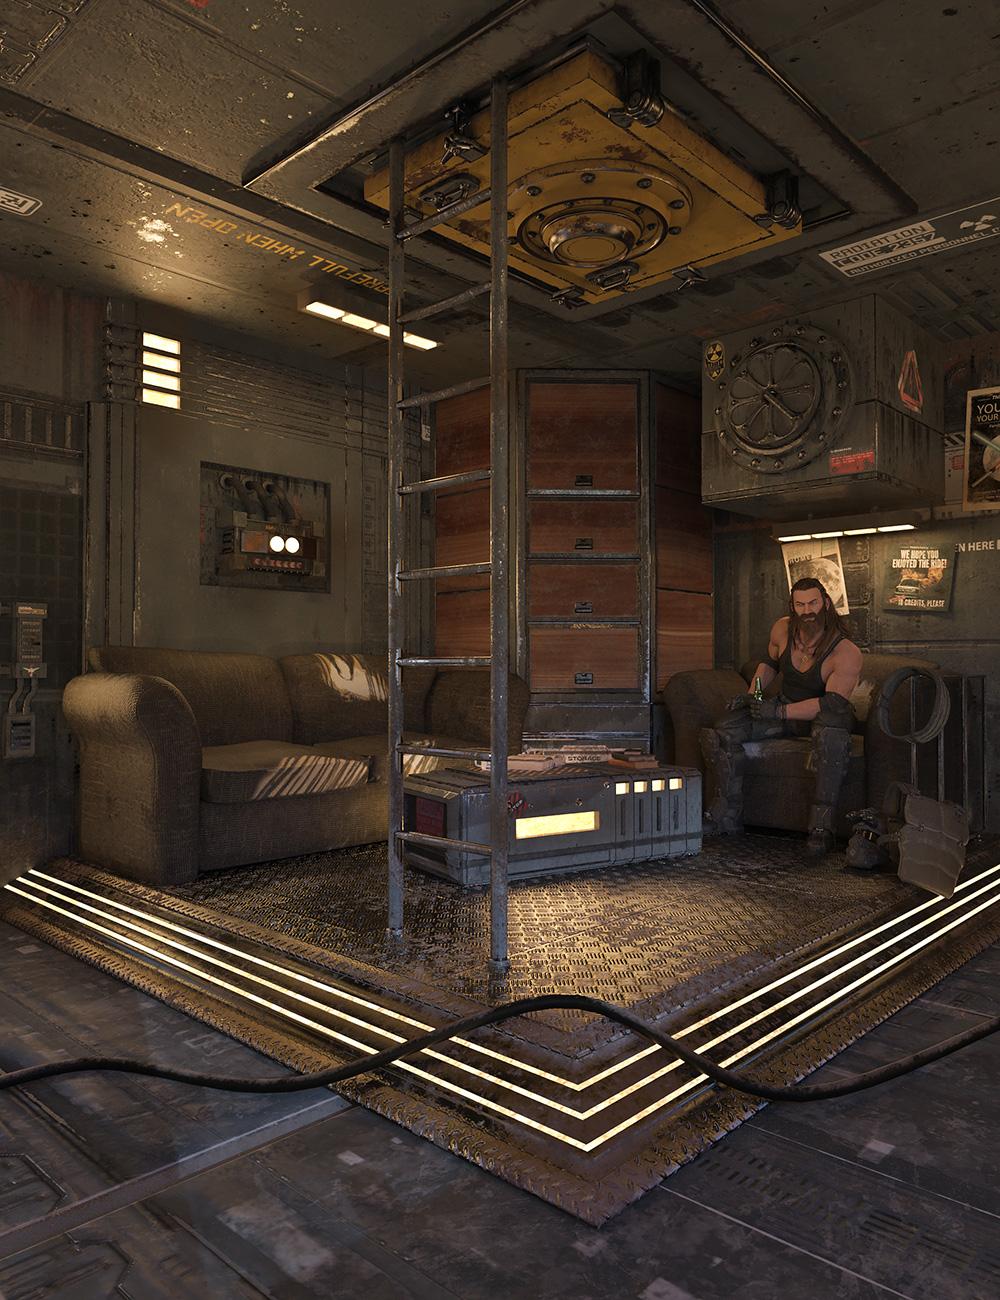 SciFi Living Room by: Blackbeard Media, 3D Models by Daz 3D